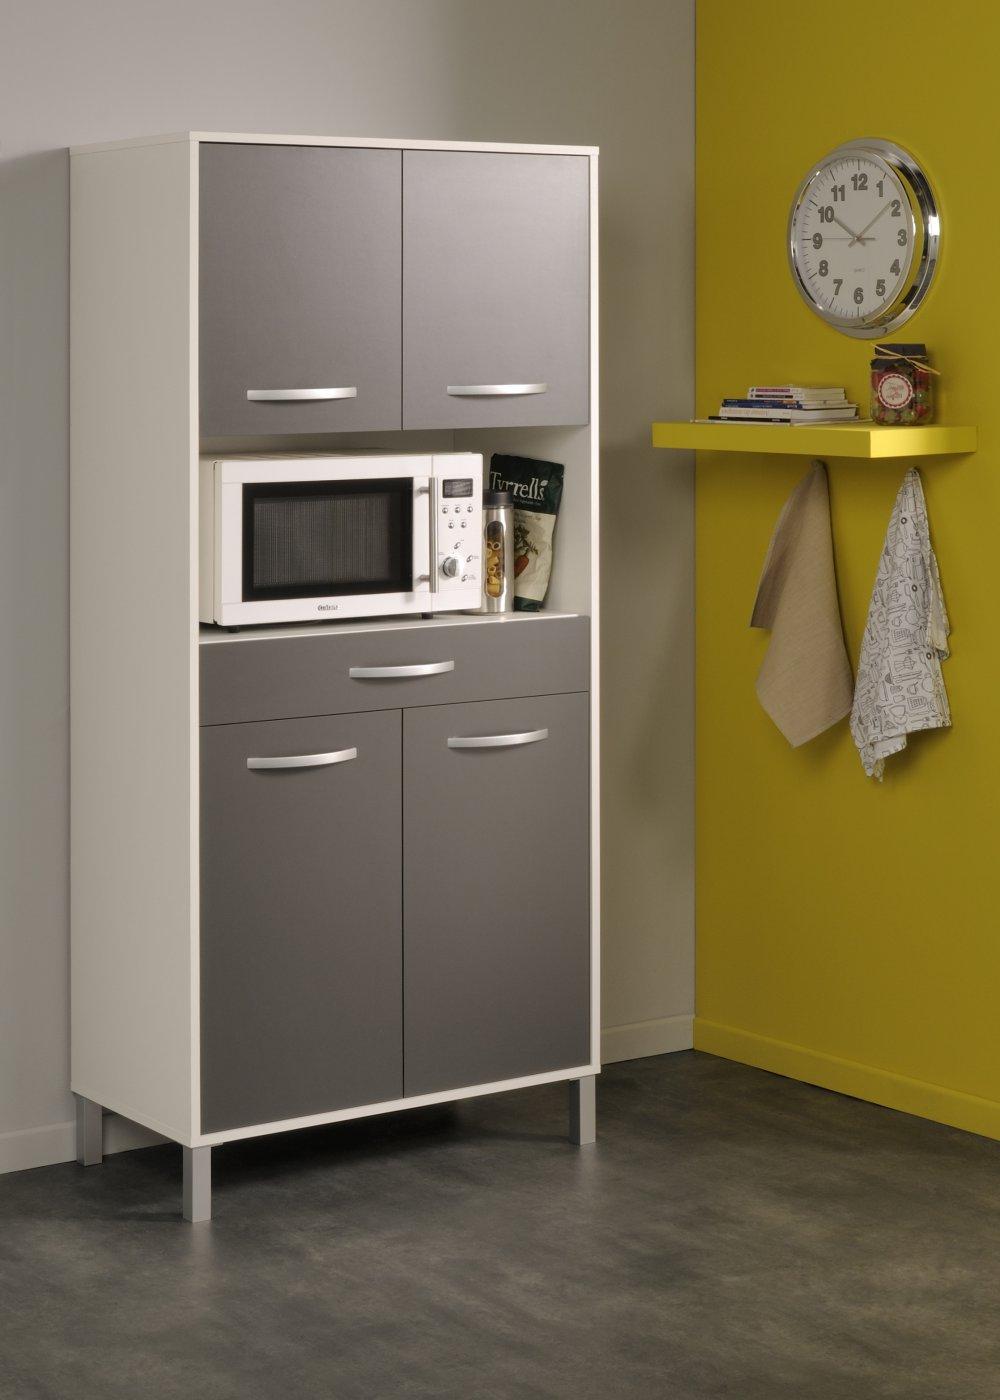 33 Stilvollen Aufbewahrung Küche Küchen Ideen